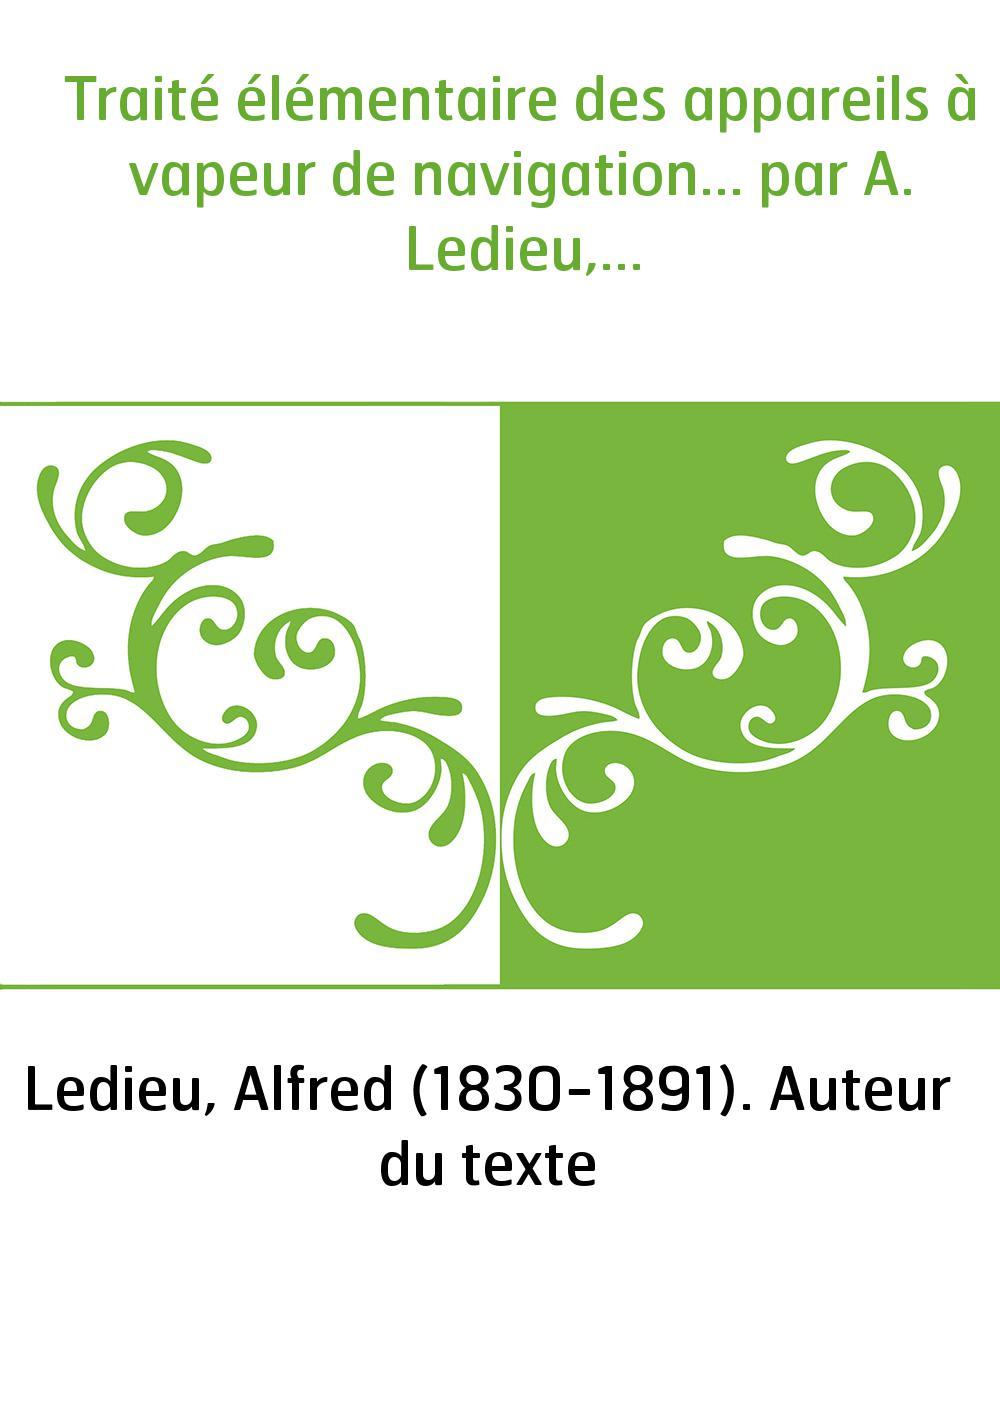 Traité élémentaire des appareils à vapeur de navigation... par A. Ledieu,...